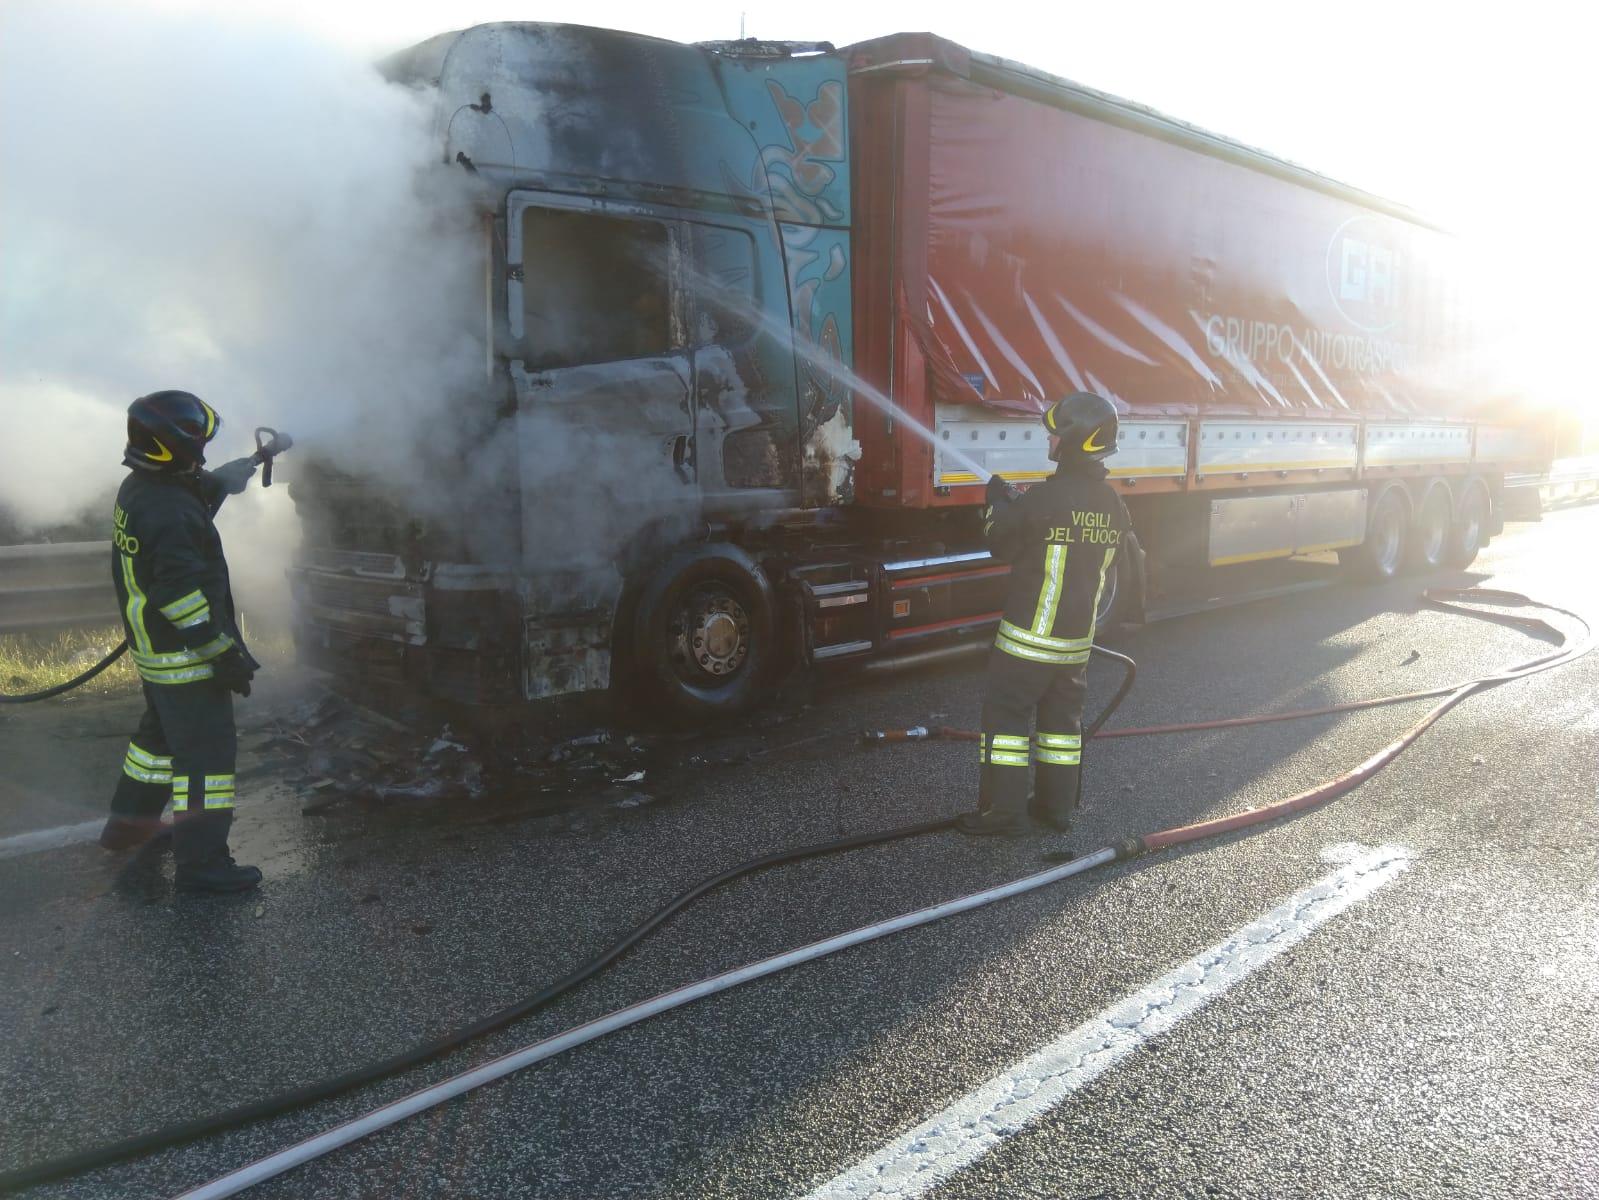 Camion a fuoco sull'autostrada A25 (foto)